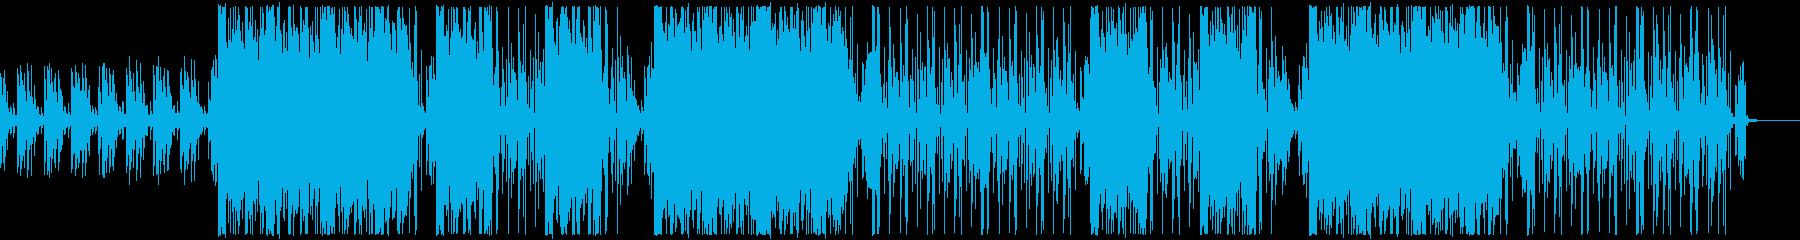 重低音・カッコイイ・クラブ系の再生済みの波形